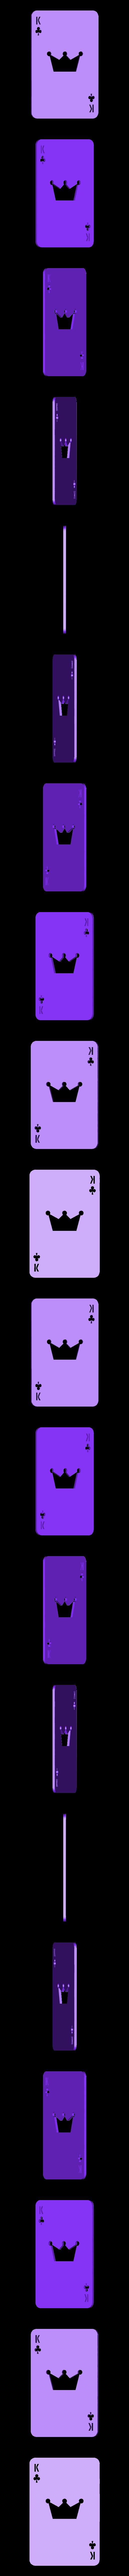 Clubs_13_hole.stl Télécharger fichier SCAD gratuit Les cartes à jouer • Objet imprimable en 3D, yvrogne59